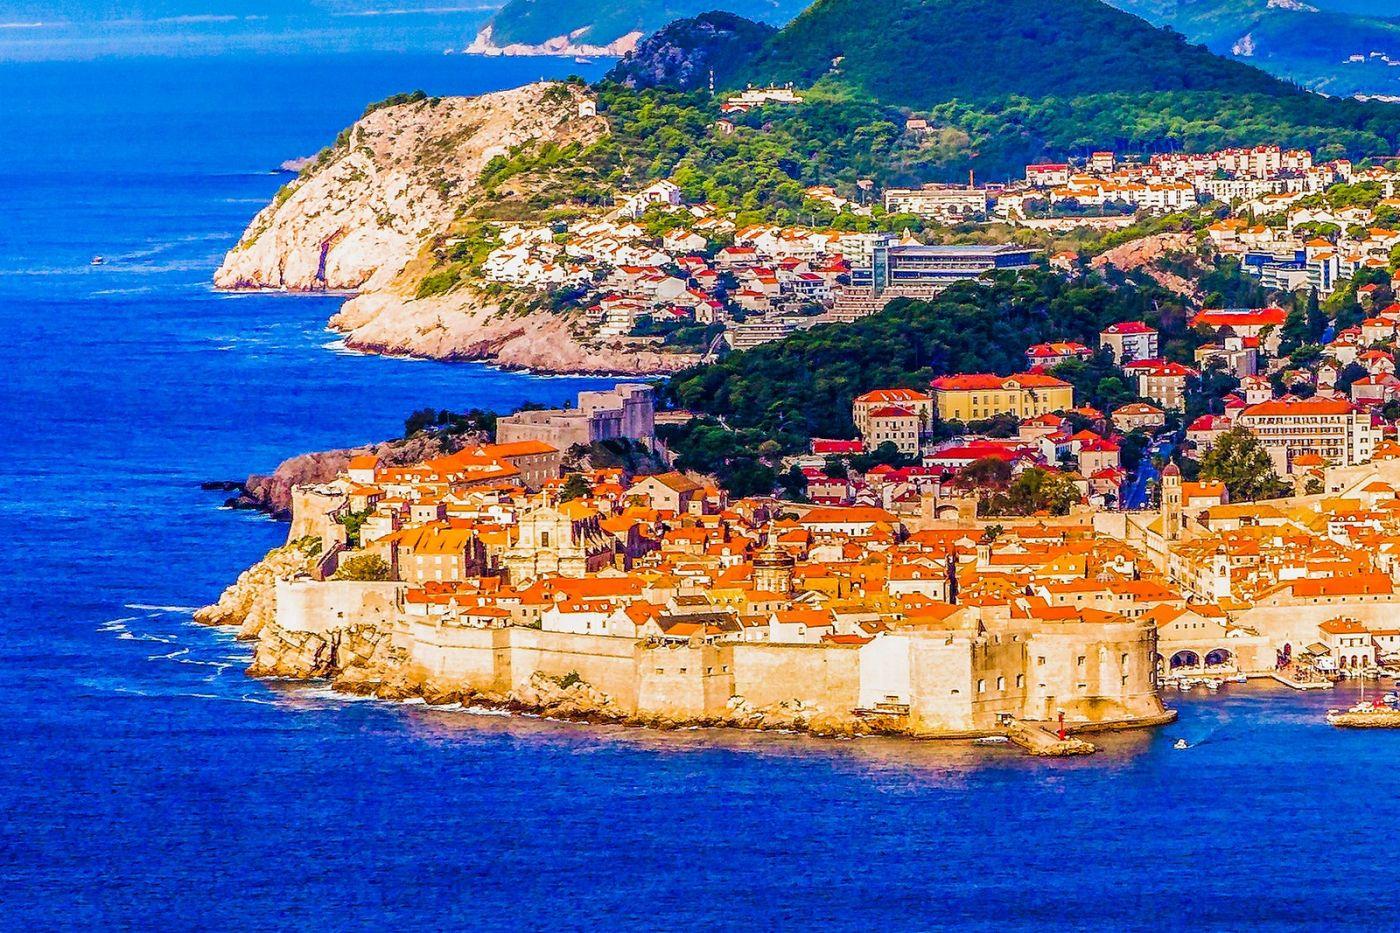 克罗地亚杜布罗夫尼克(Dubrovnik),远眺古城_图1-12